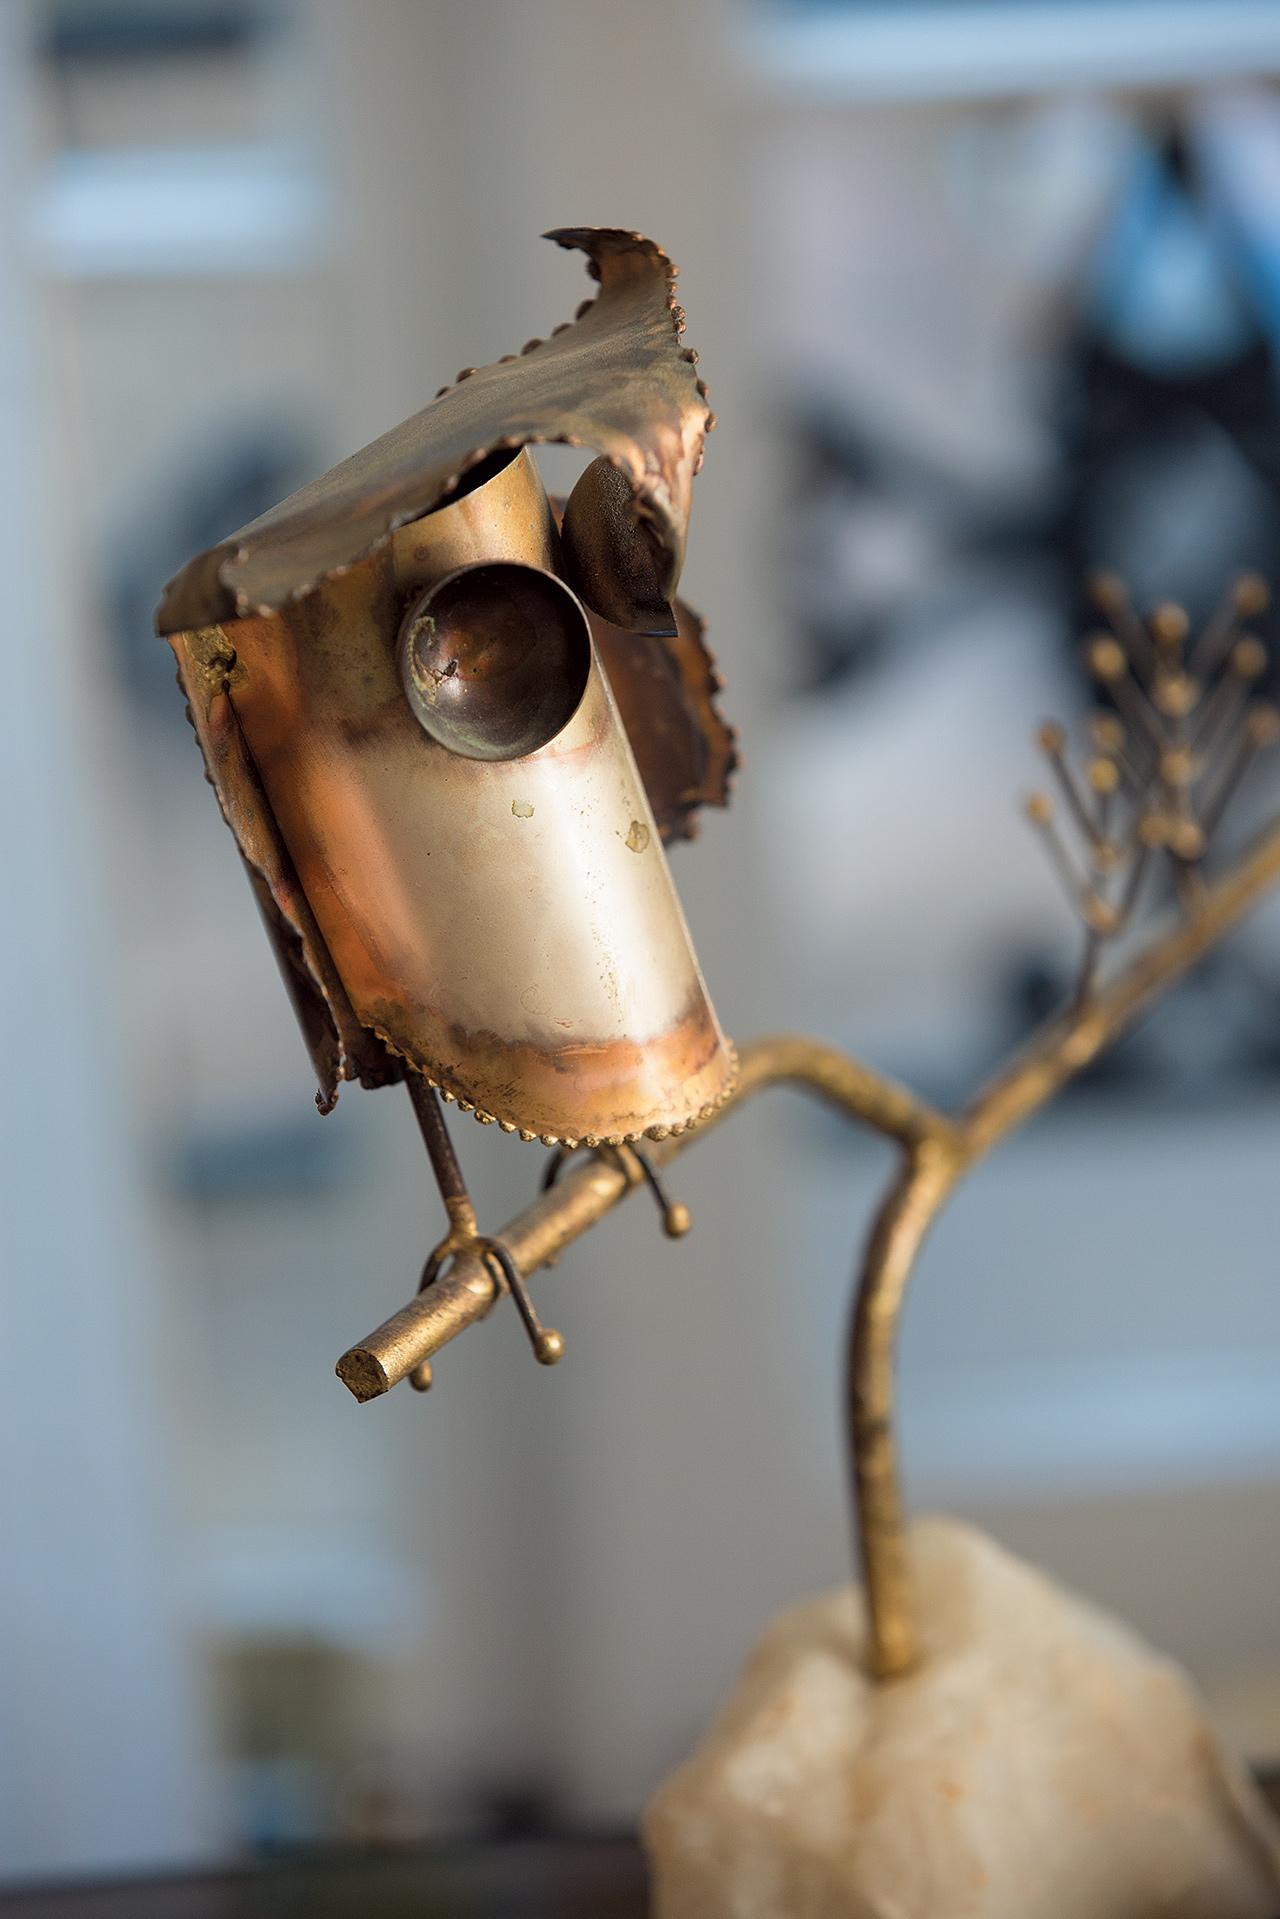 그녀의 메탈주(Metal-Zoo) 컬렉션에서 선보인 부엉이